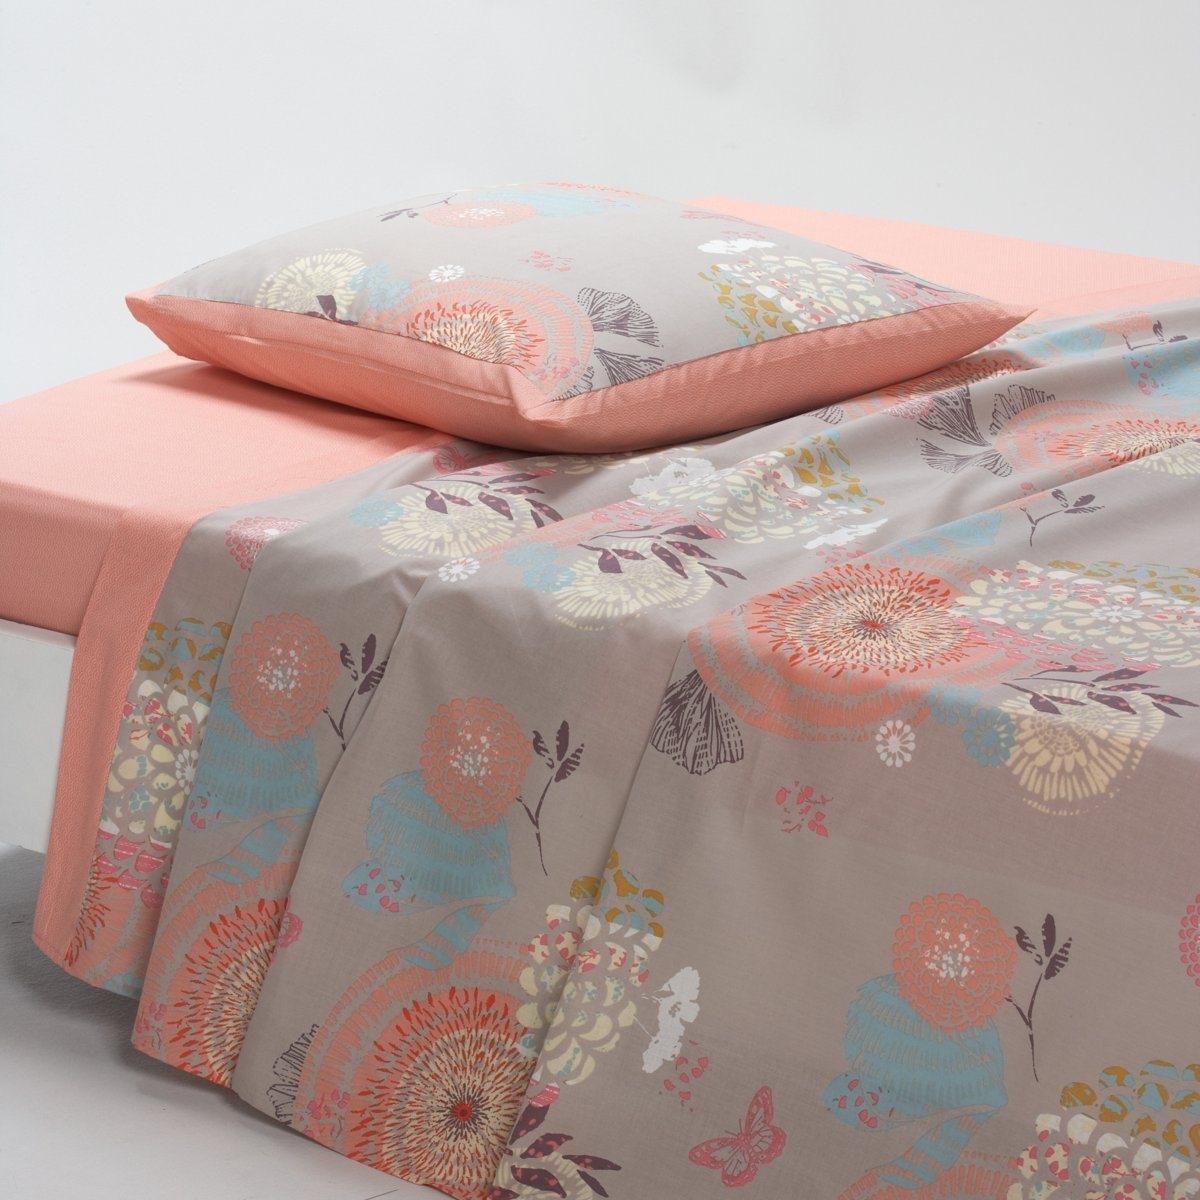 Простыня ЭлараКачество VALEUR S?RE за ткань с плотным переплетением нитей (57 нитей/см?). Крупные стилизованные цветы и мелкий рисунок в японском стиле. 100% хлопка. Стирка при 60°. Размеры:  180 x 290 см: 1-сп. 240 x 290 см: 2-сп. 270 x 290 см: 2-сп.<br><br>Цвет: принт/бежевый<br>Размер: 240 x 290  см